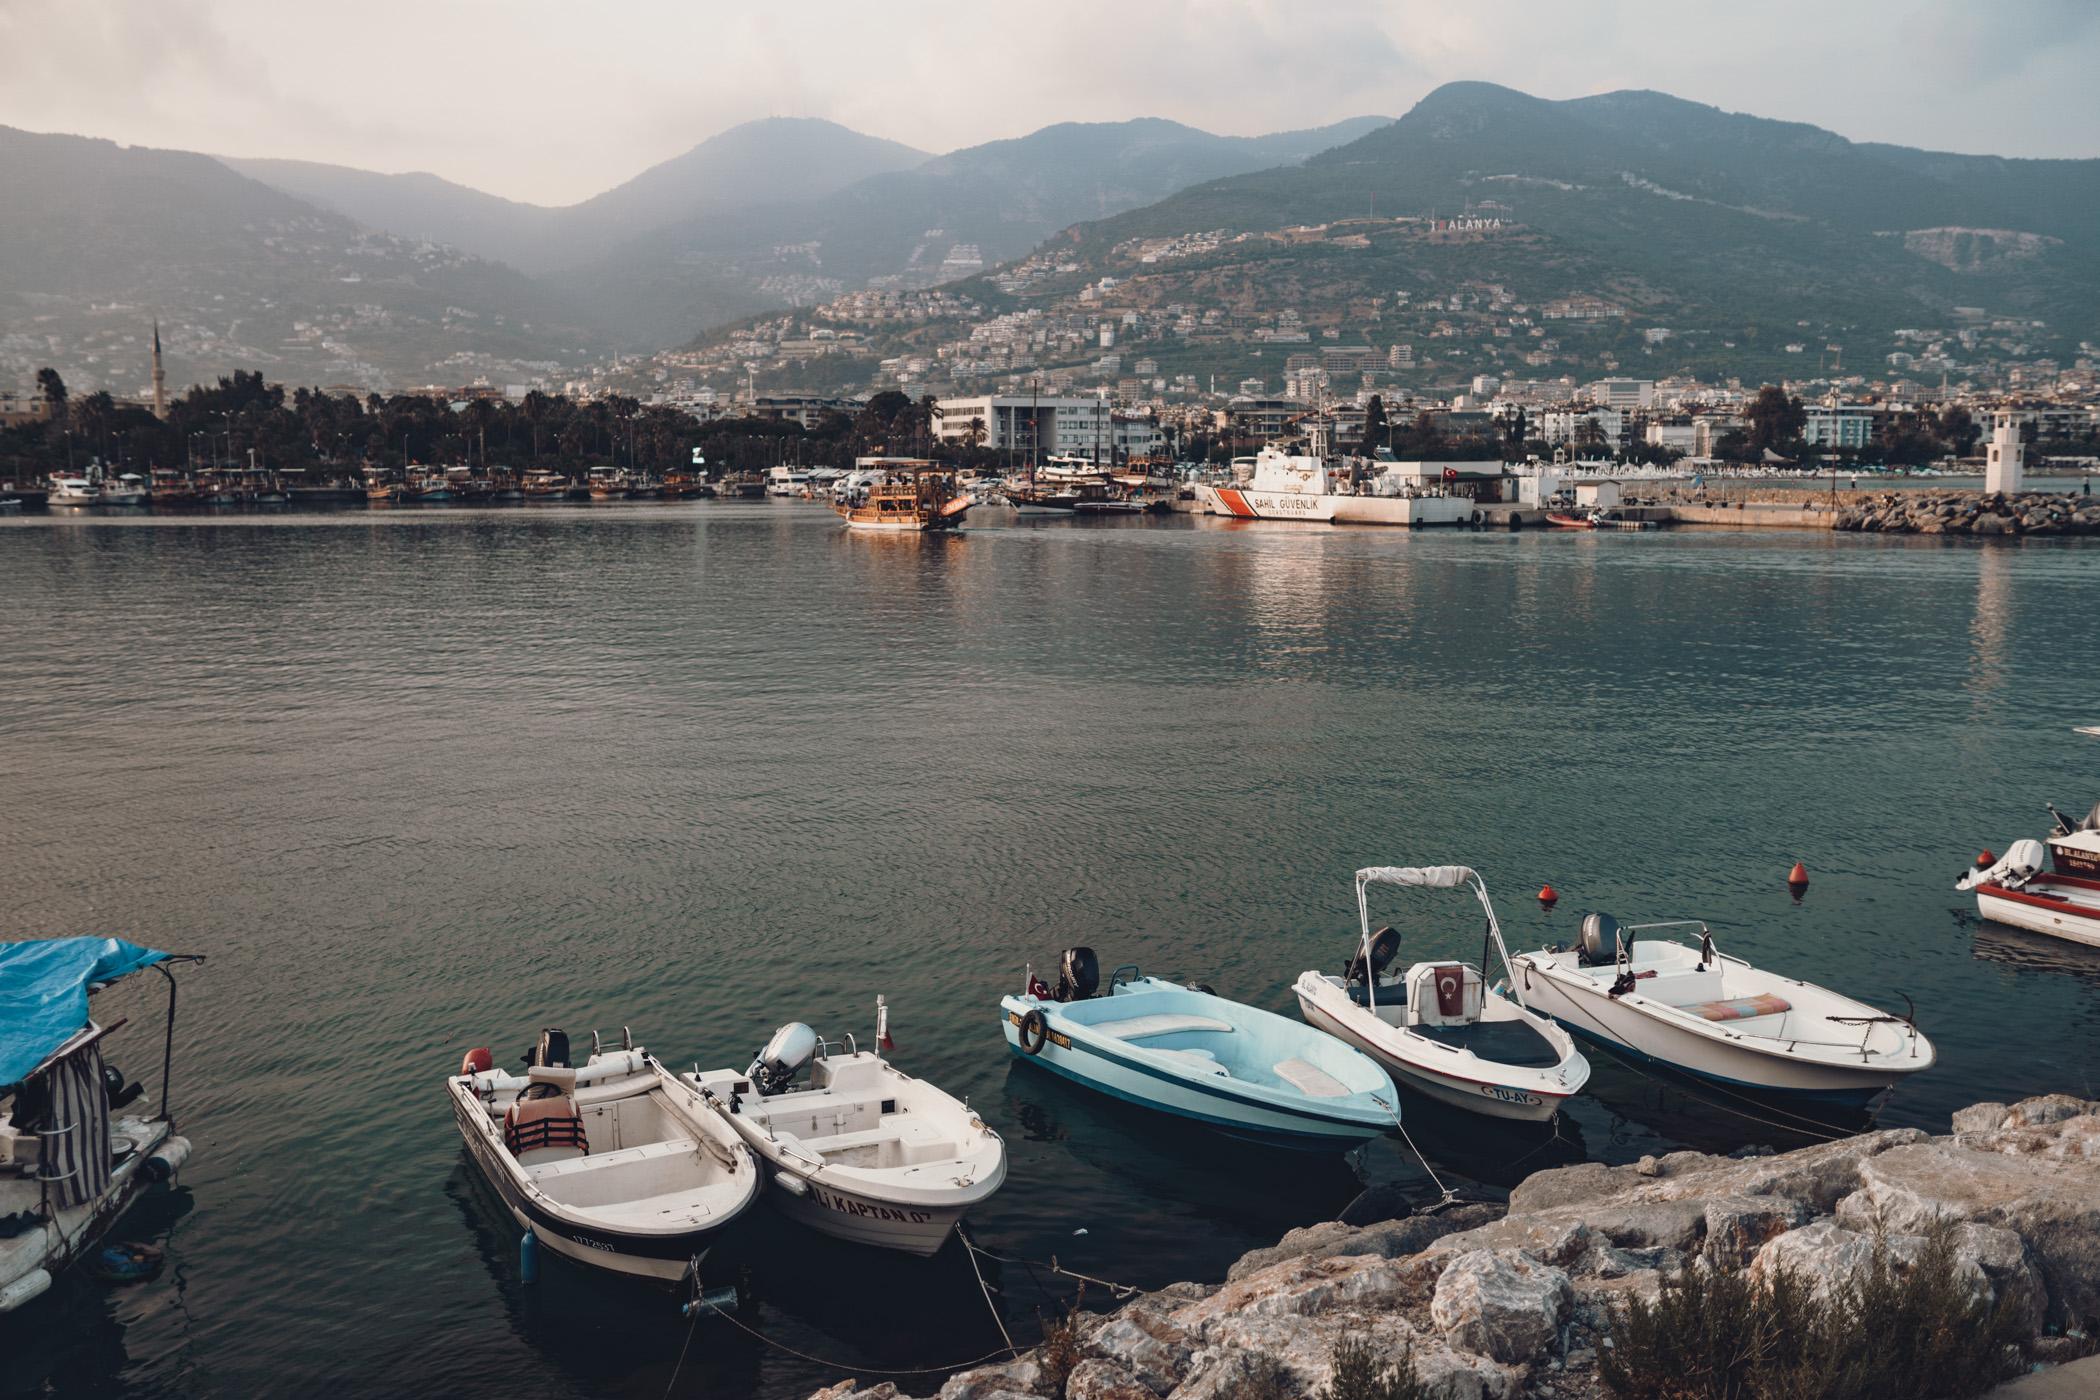 Wczasy w Turcji - Łodzie w porcie Alanya